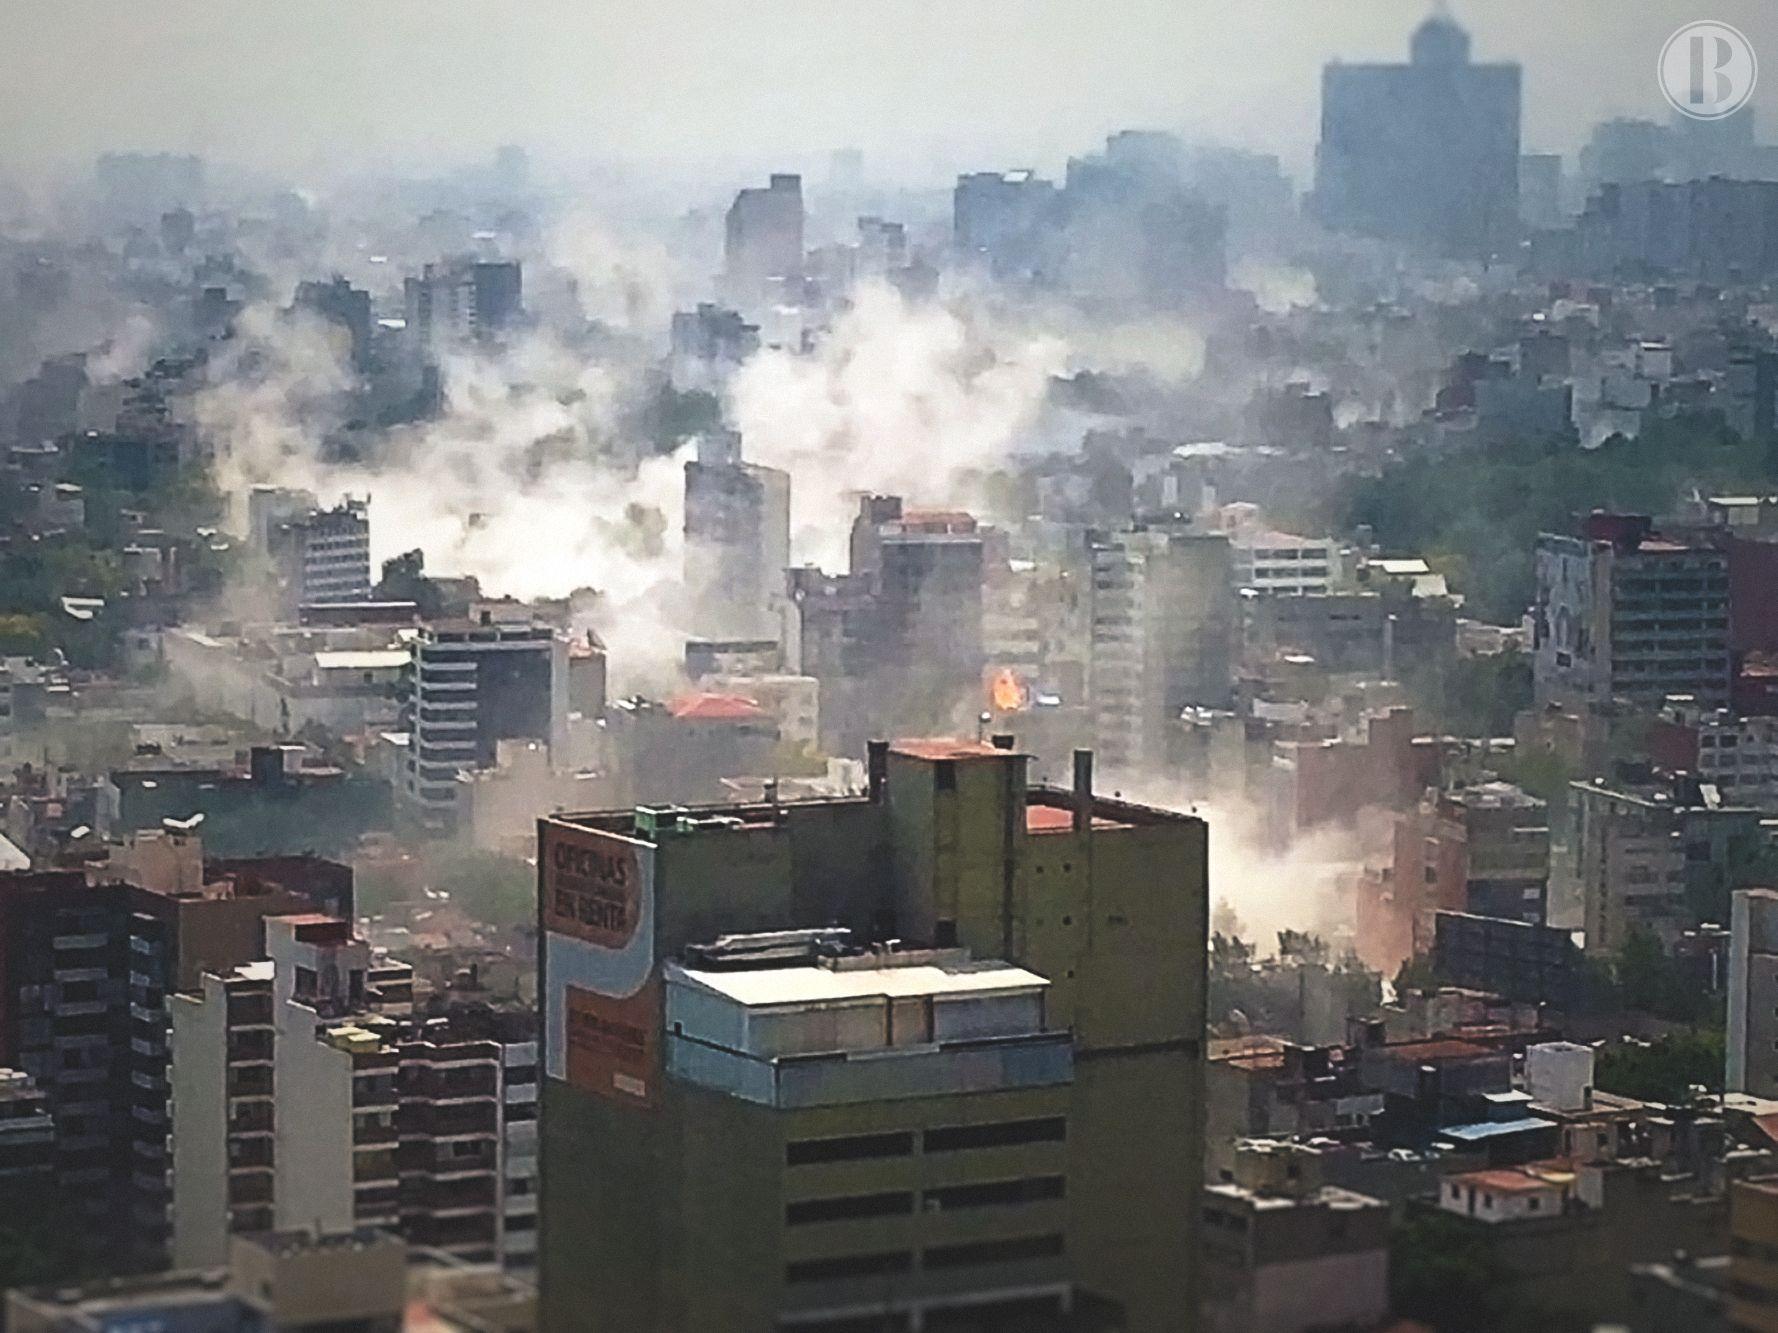 Analista prevé que terremoto en México tenga impacto moderado en la economía